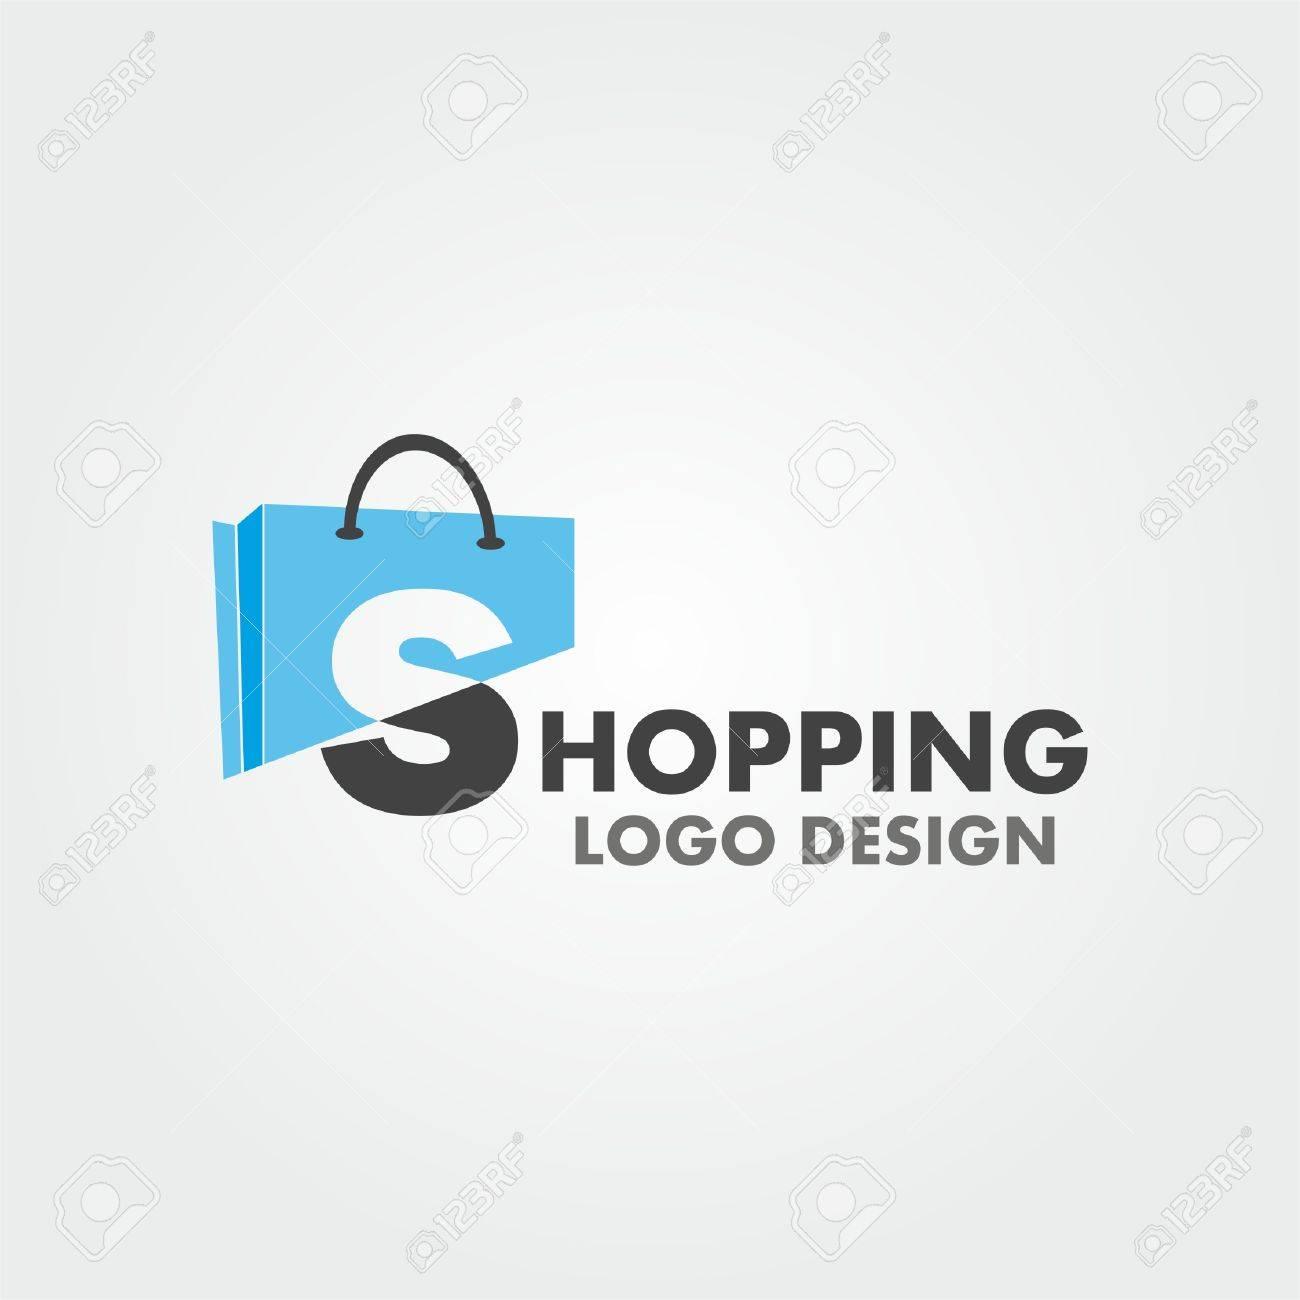 shopping logo shopping cart